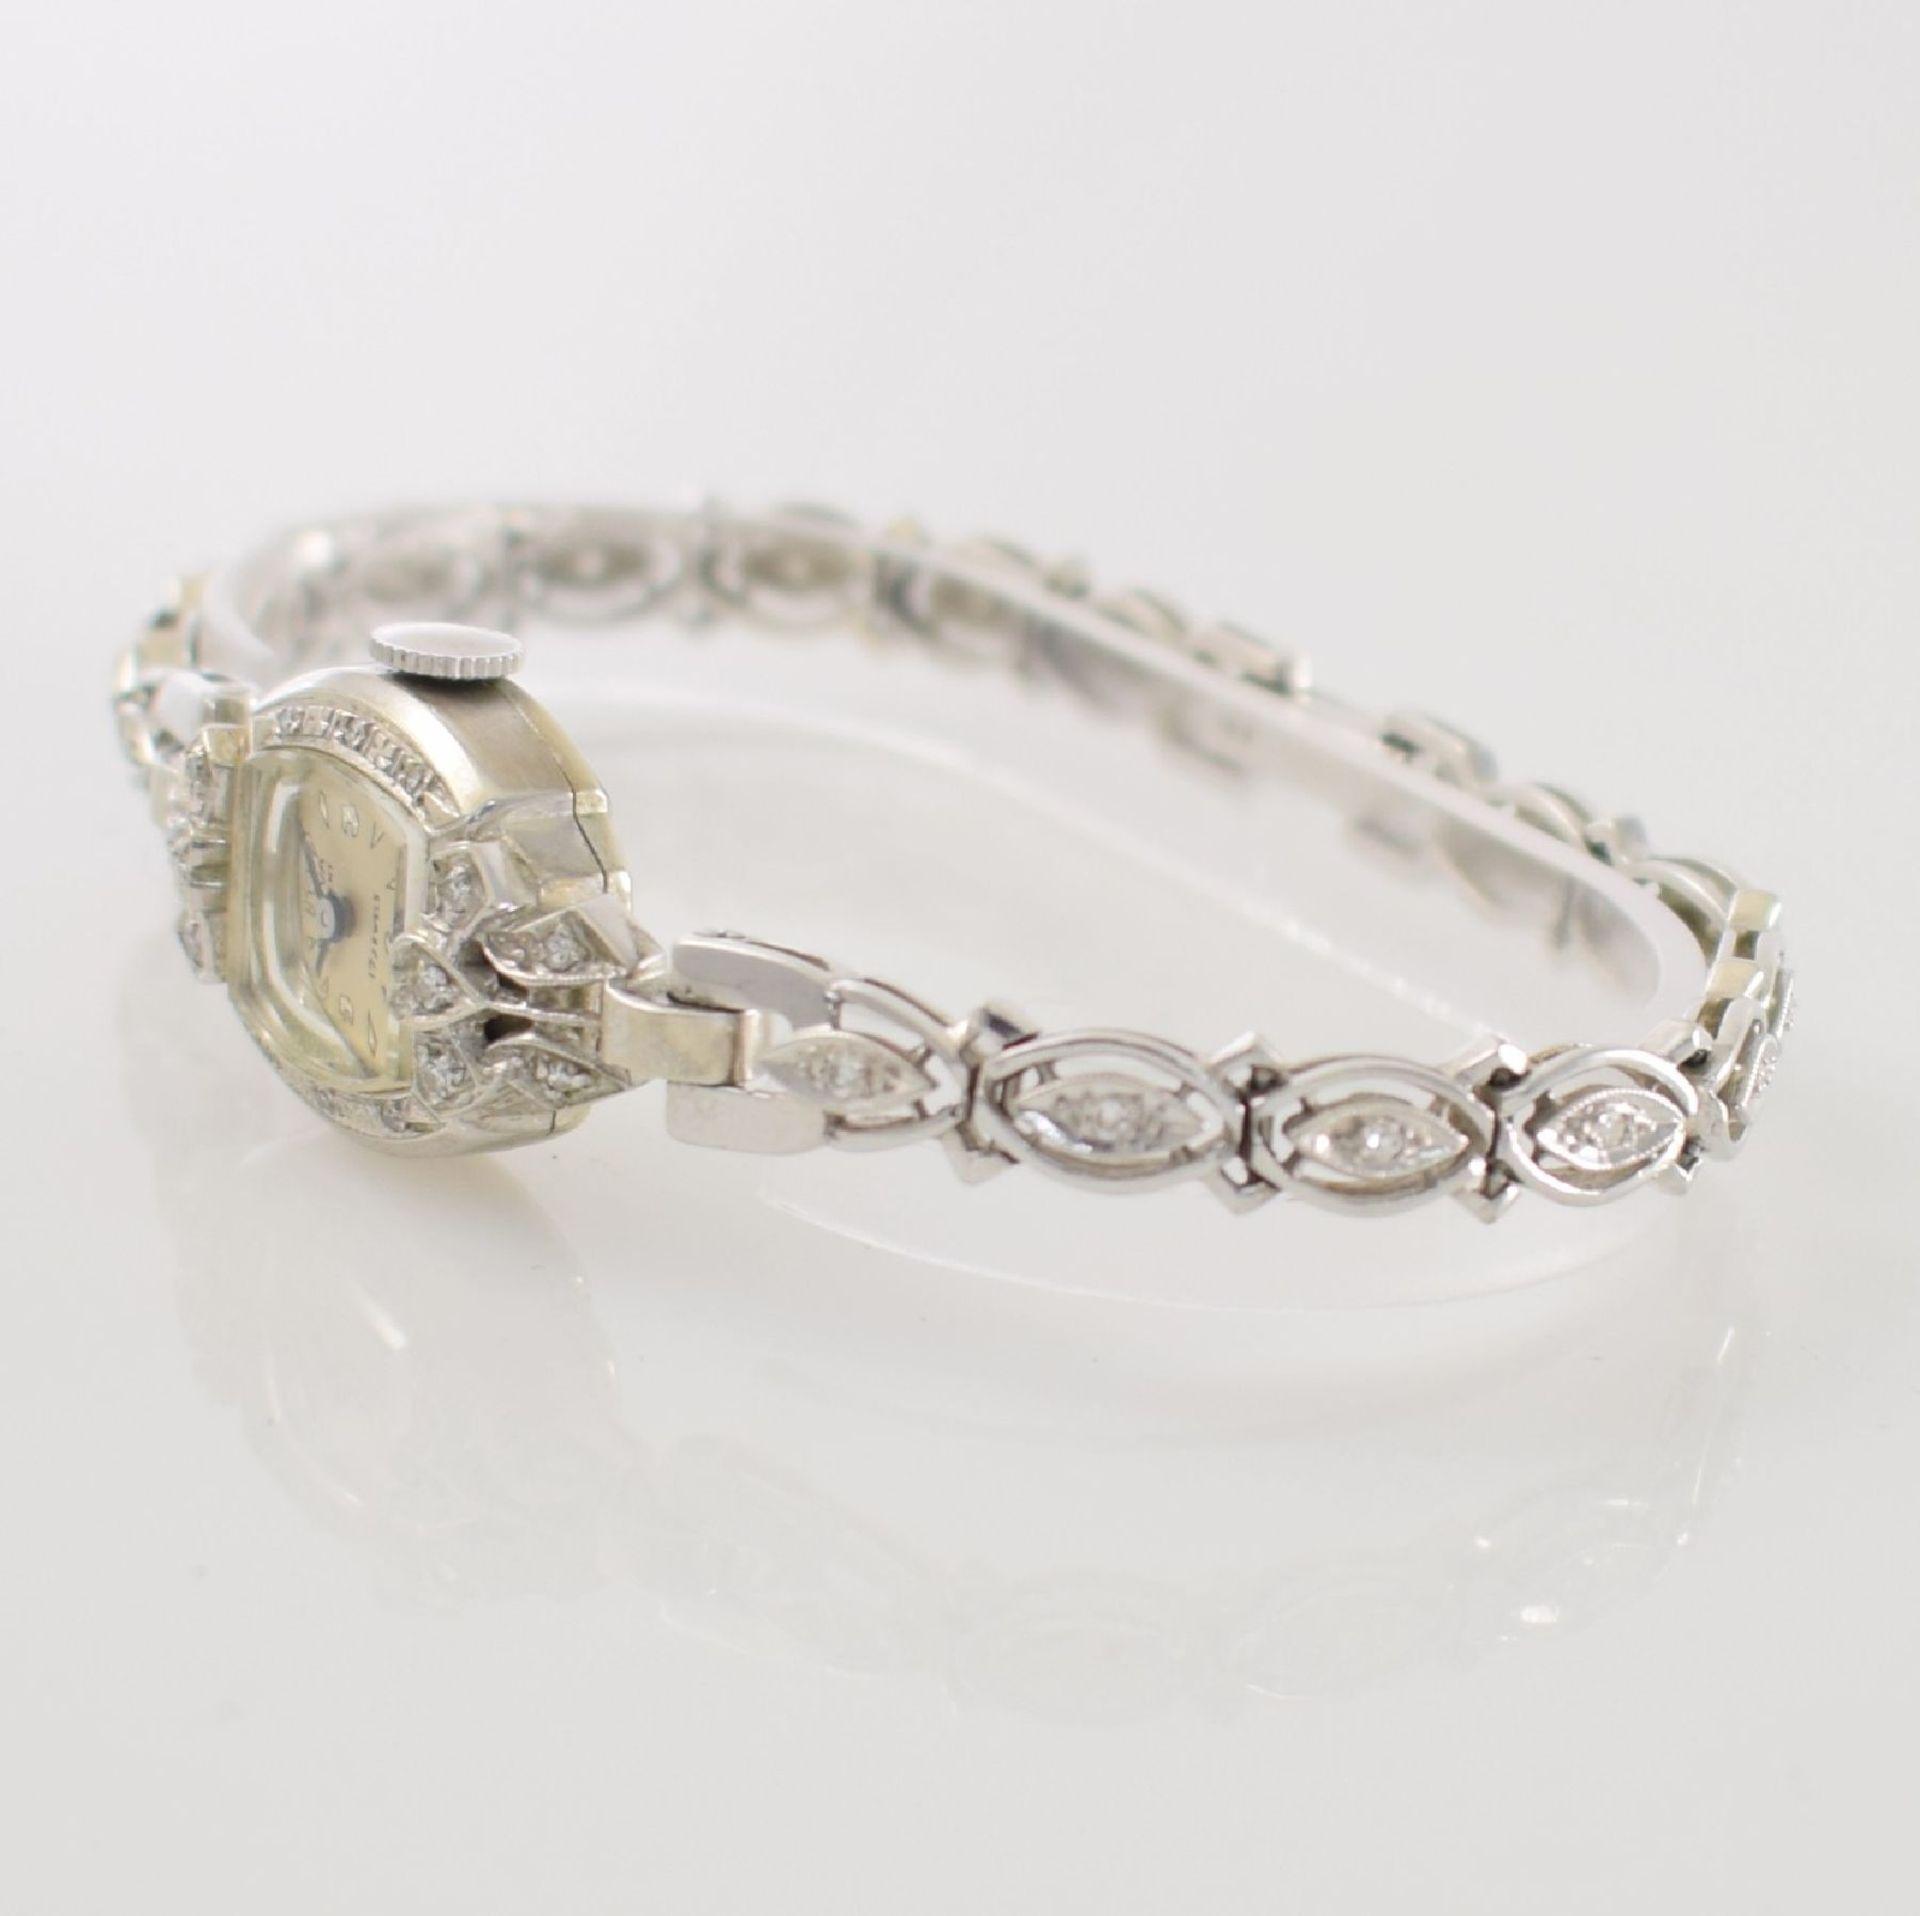 BULOVA Damenarmbanduhr in WG 585/000 mit Diamantbesatz, Handaufzug, USA um 1940, Boden aufgedr., - Bild 3 aus 6